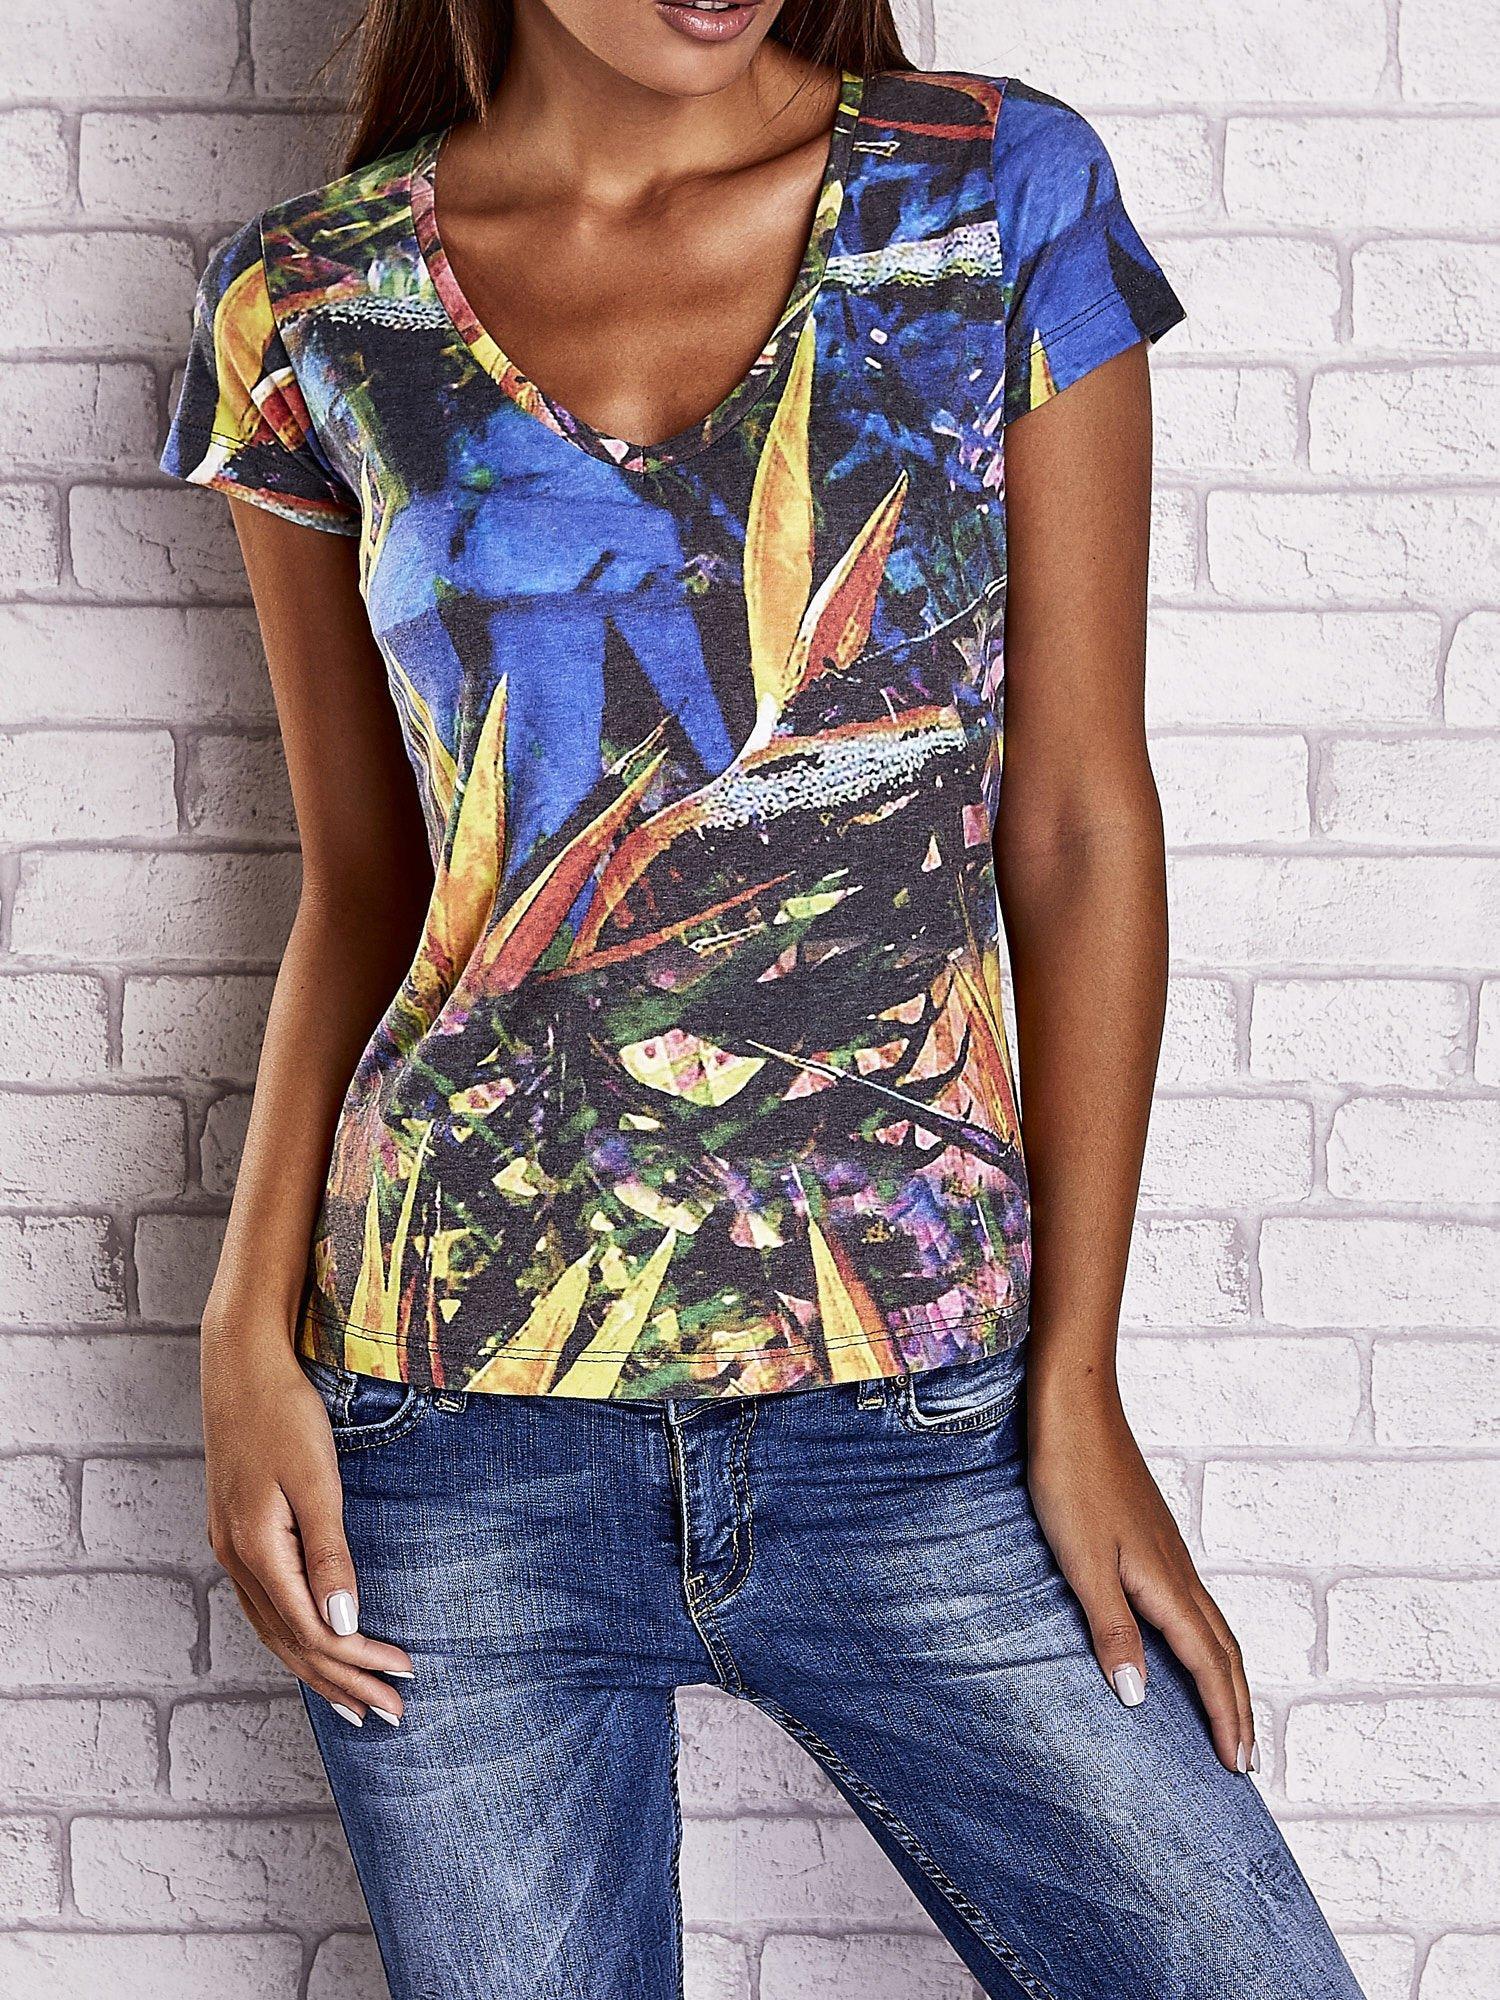 Granatowy t-shirt z egzotycznym motywem roślinnym                                  zdj.                                  1